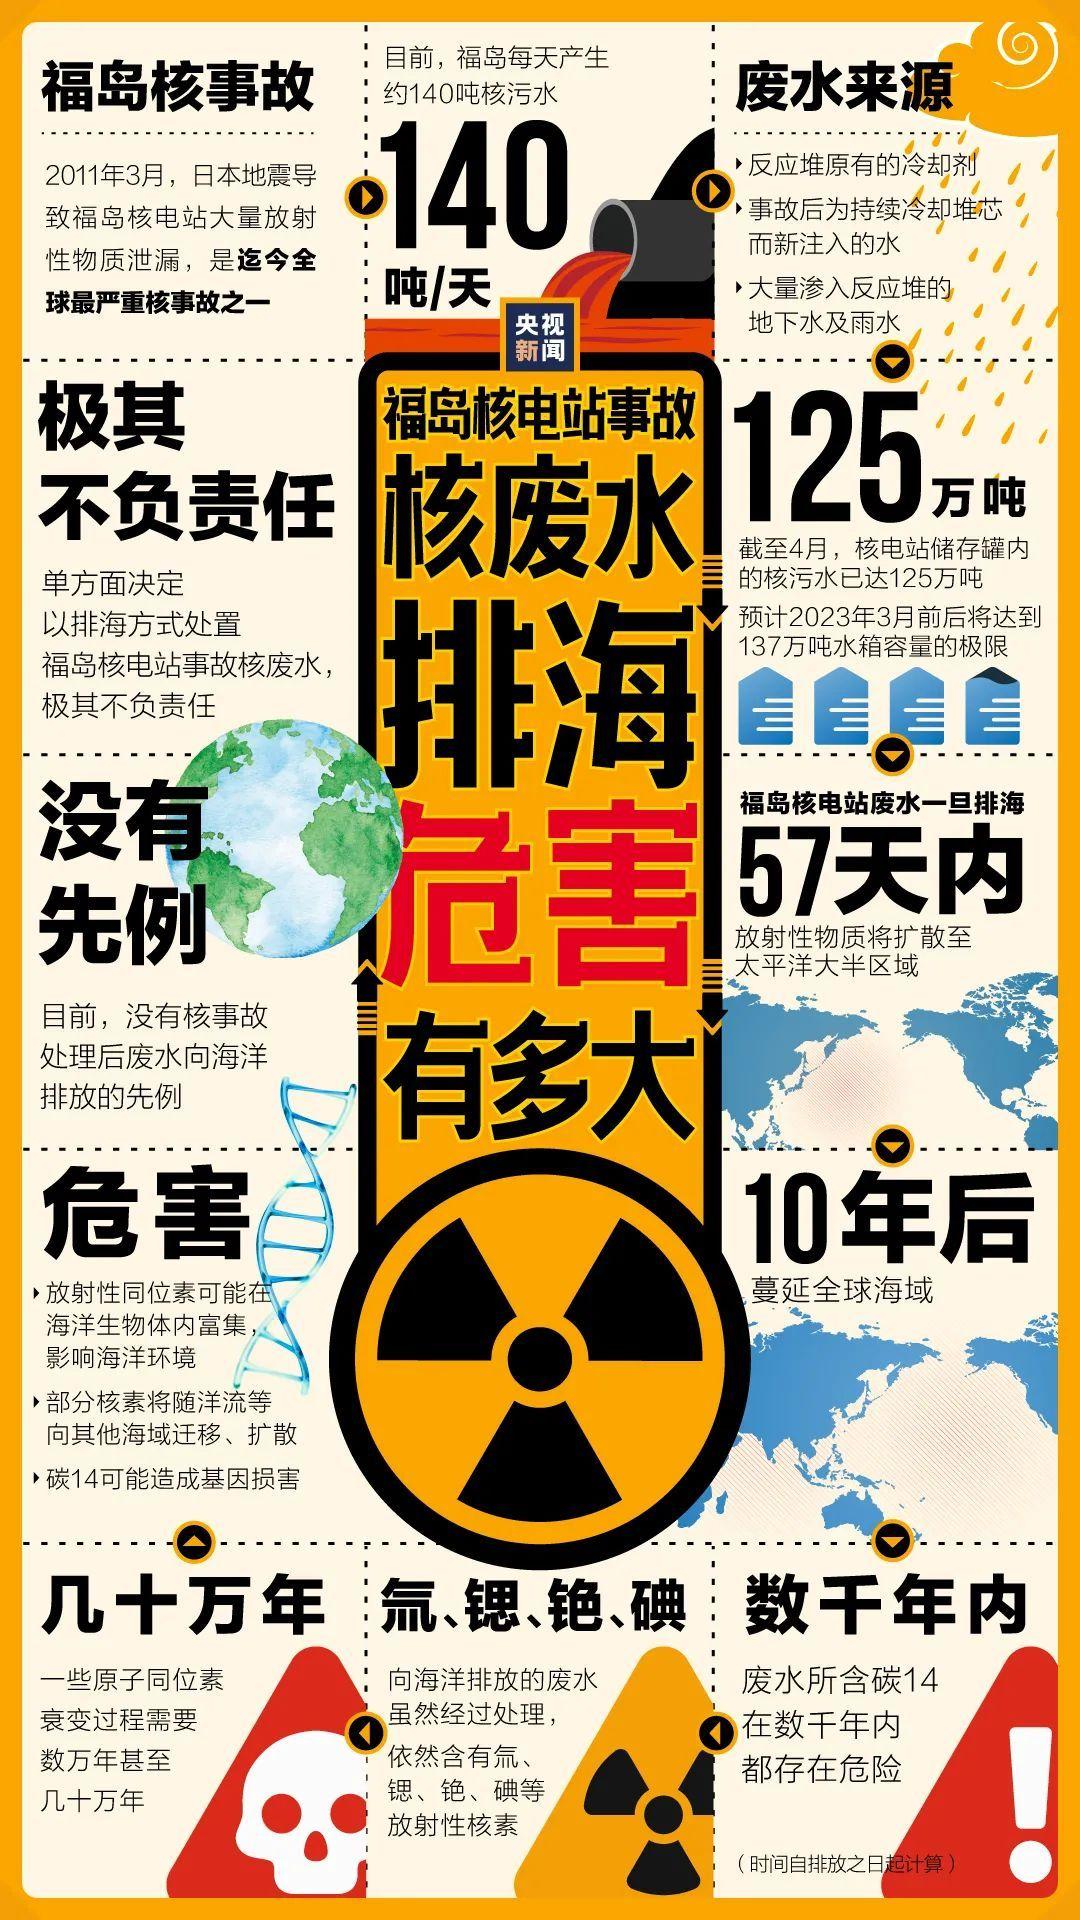 日本核废水入海,A股两大板块应声大涨!23家上市公司连忙回应